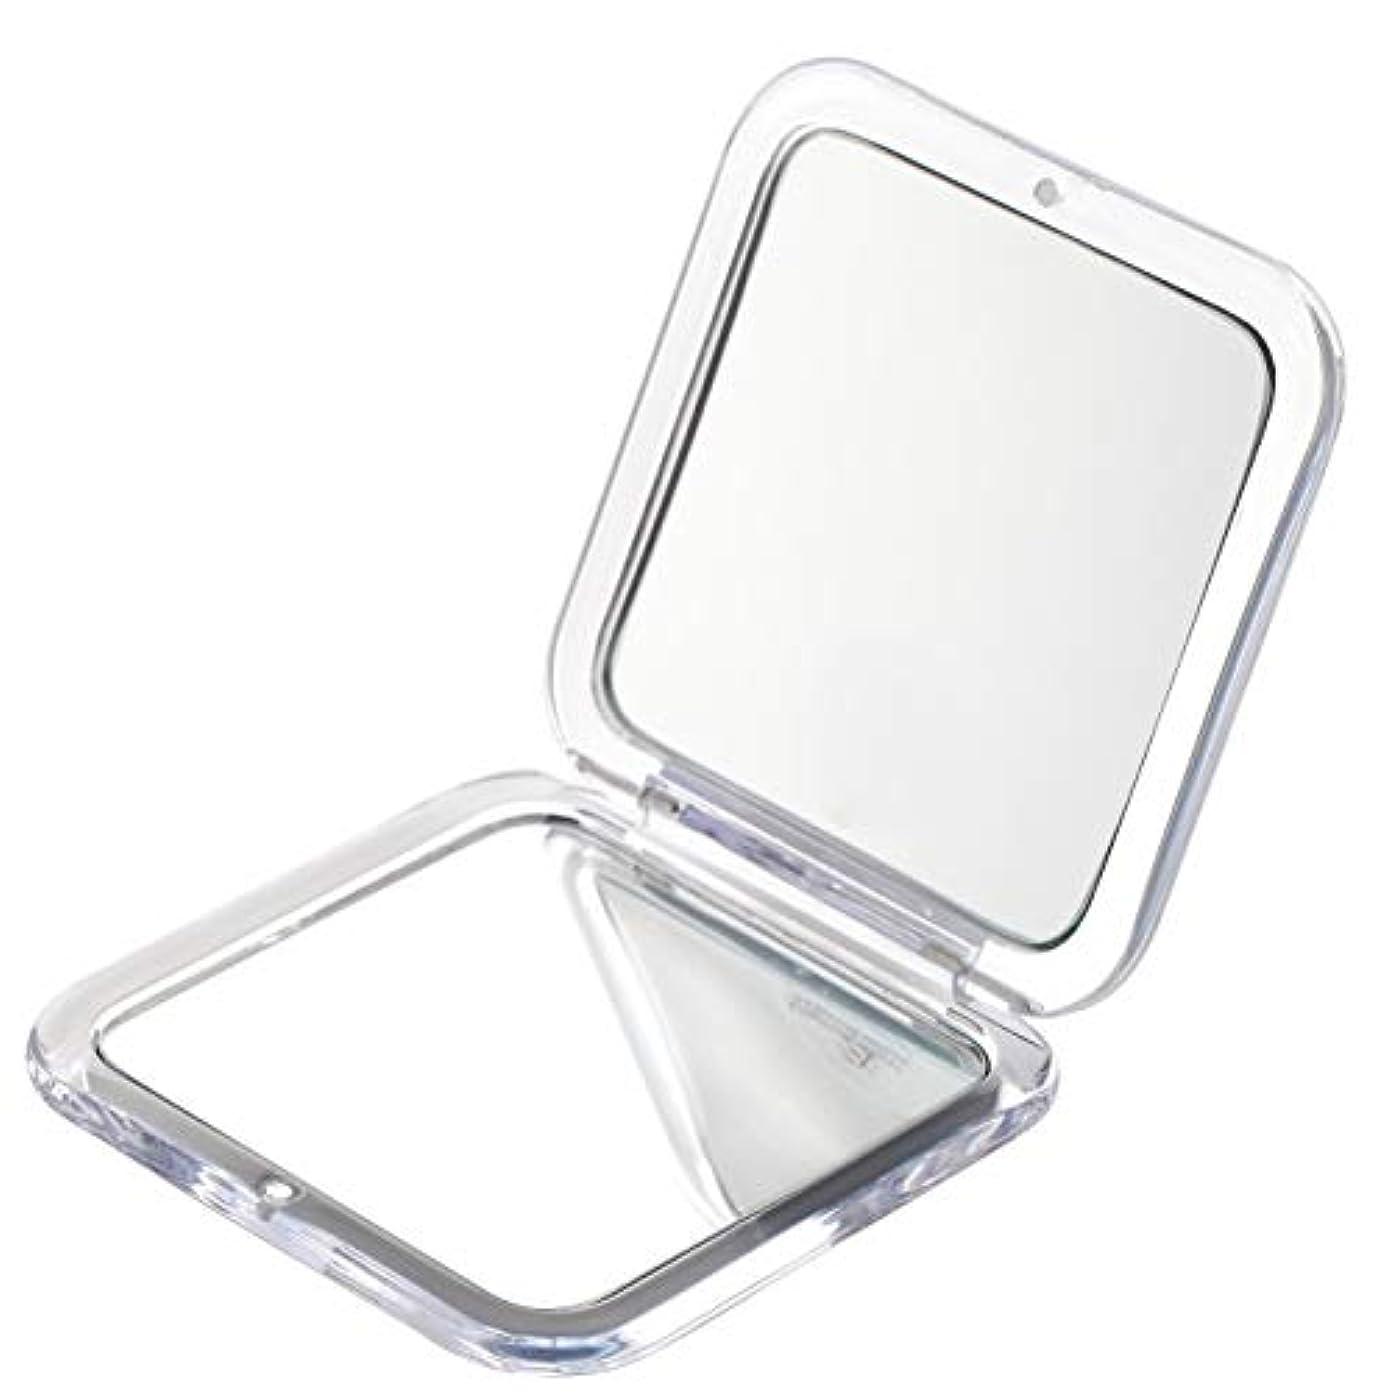 秘密のピカリングご予約Miss Sweet コンパクトミラー 両面鏡 化粧鏡 拡大鏡 1倍*5倍